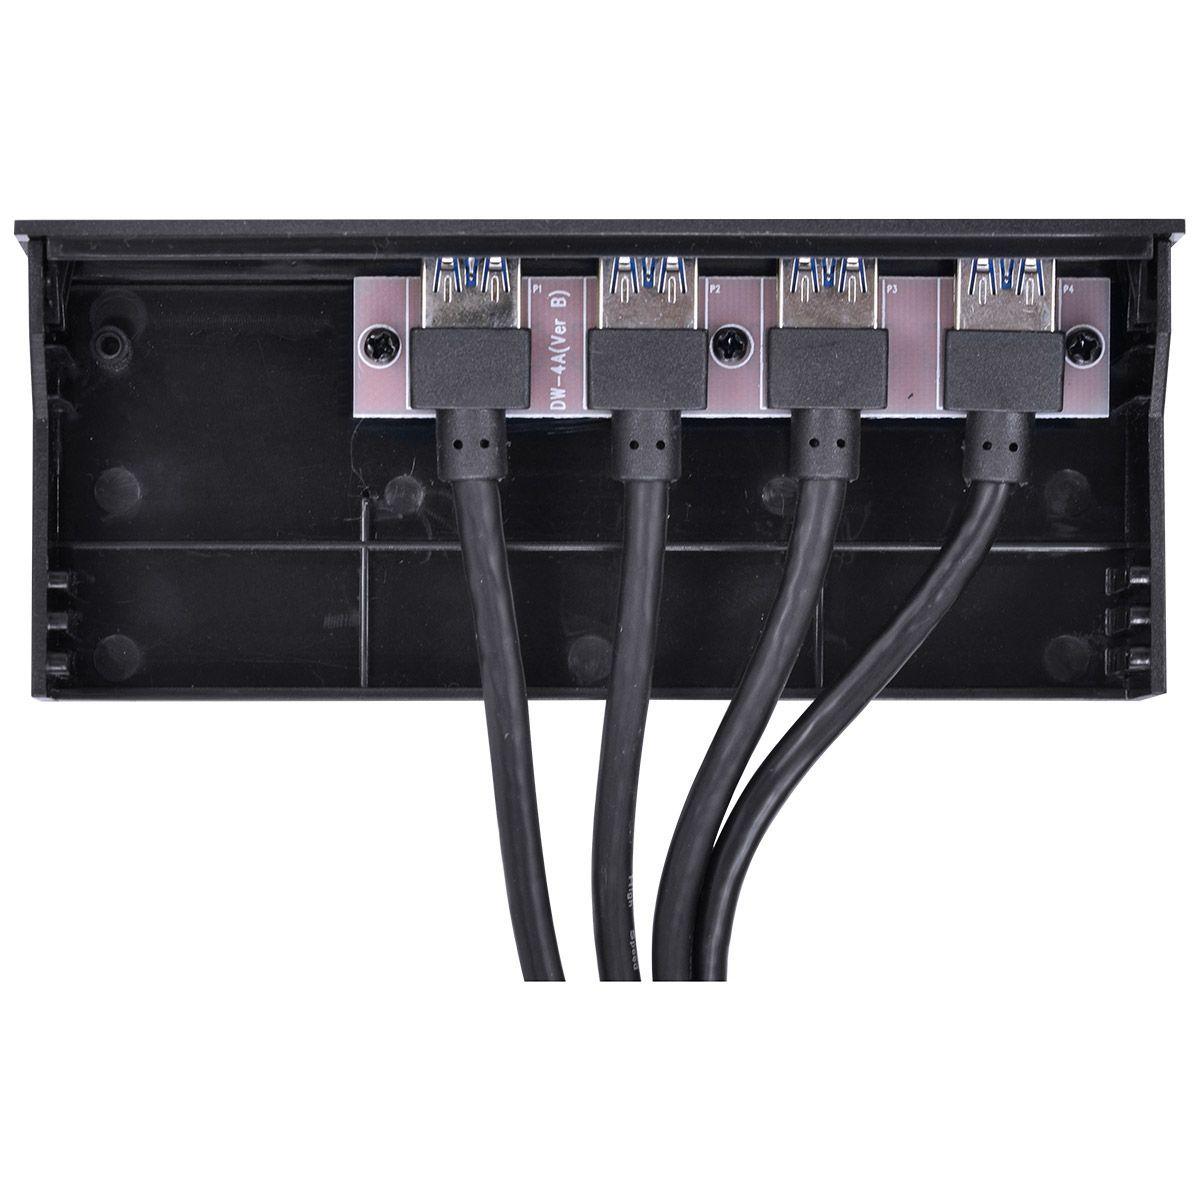 """PLACA USB PARA BAIA 5.25"""" COM 4 USB 3.0 + CABOS - P4U-525 vinik"""